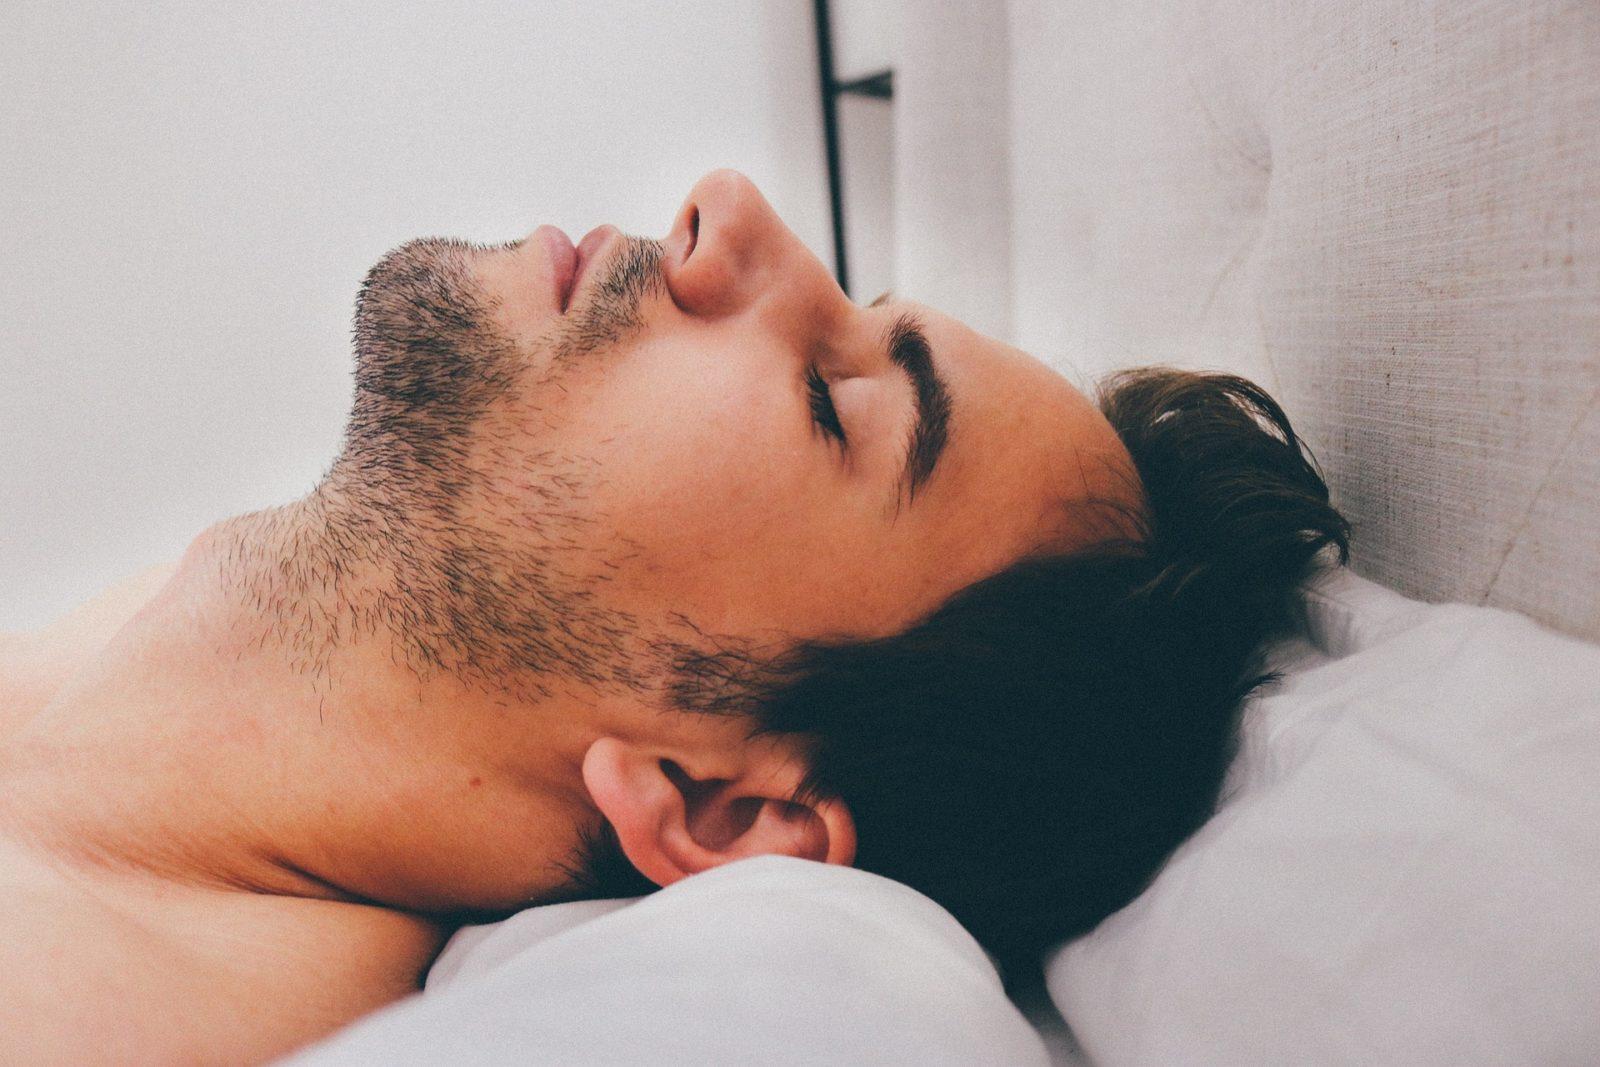 Акупунктурные точки для повышения потенции у мужчин - зоны воздействия и техника выполнения